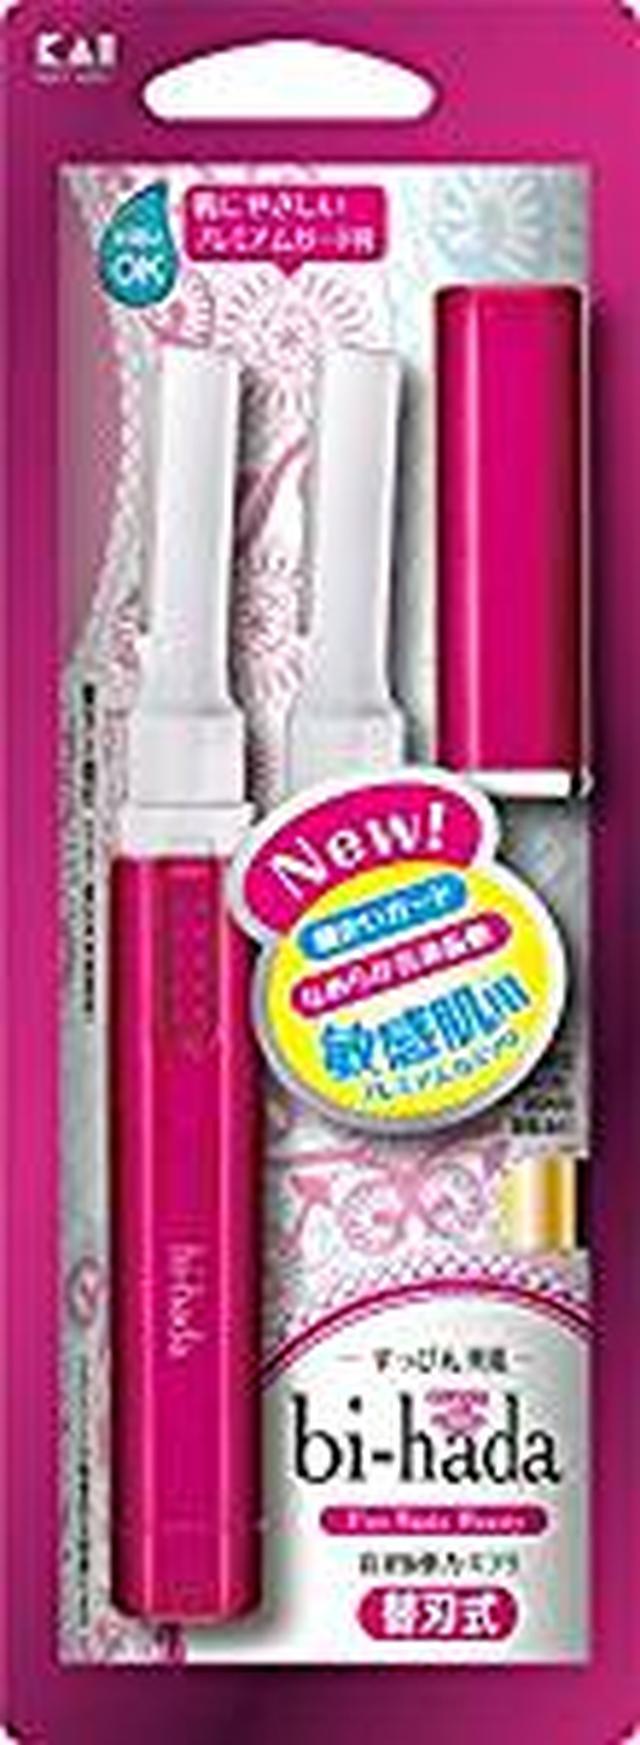 画像: Amazon.co.jp: bi-hada ompa (音波振動カミソリ) ホルダー 替刃2コ付: ビューティー